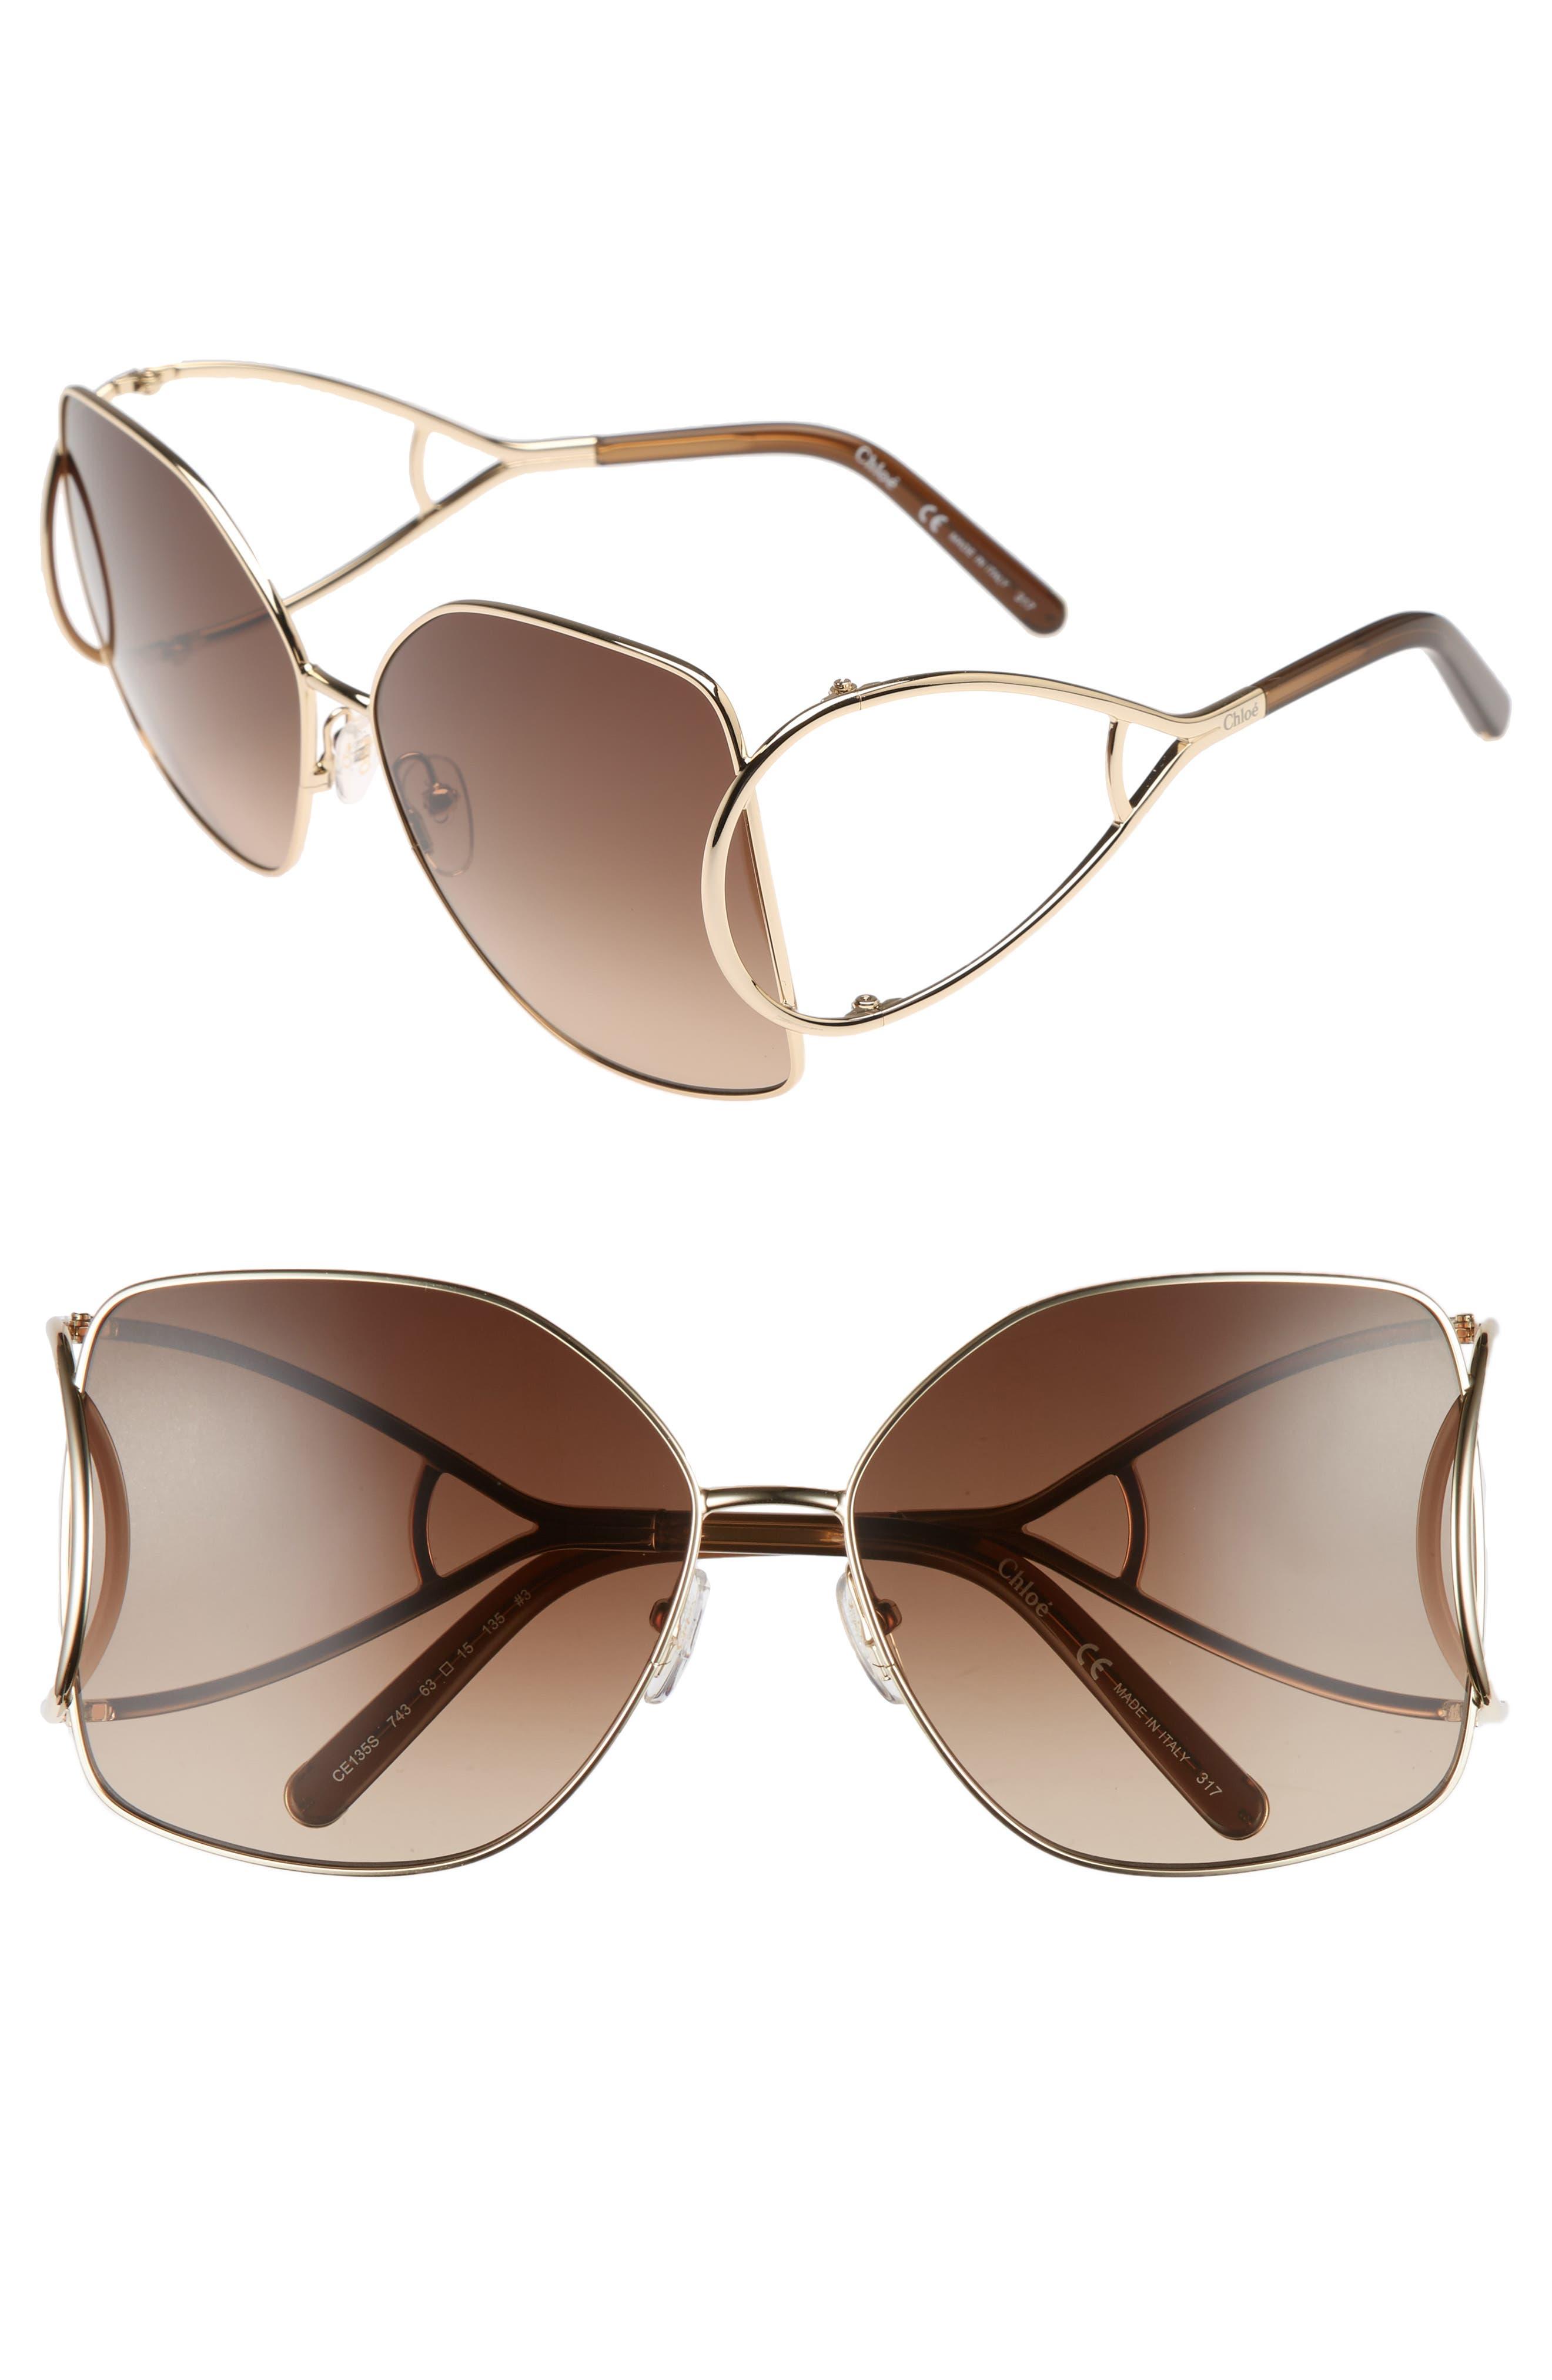 Main Image - Chloé 63mm Wrapover Frame Sunglasses